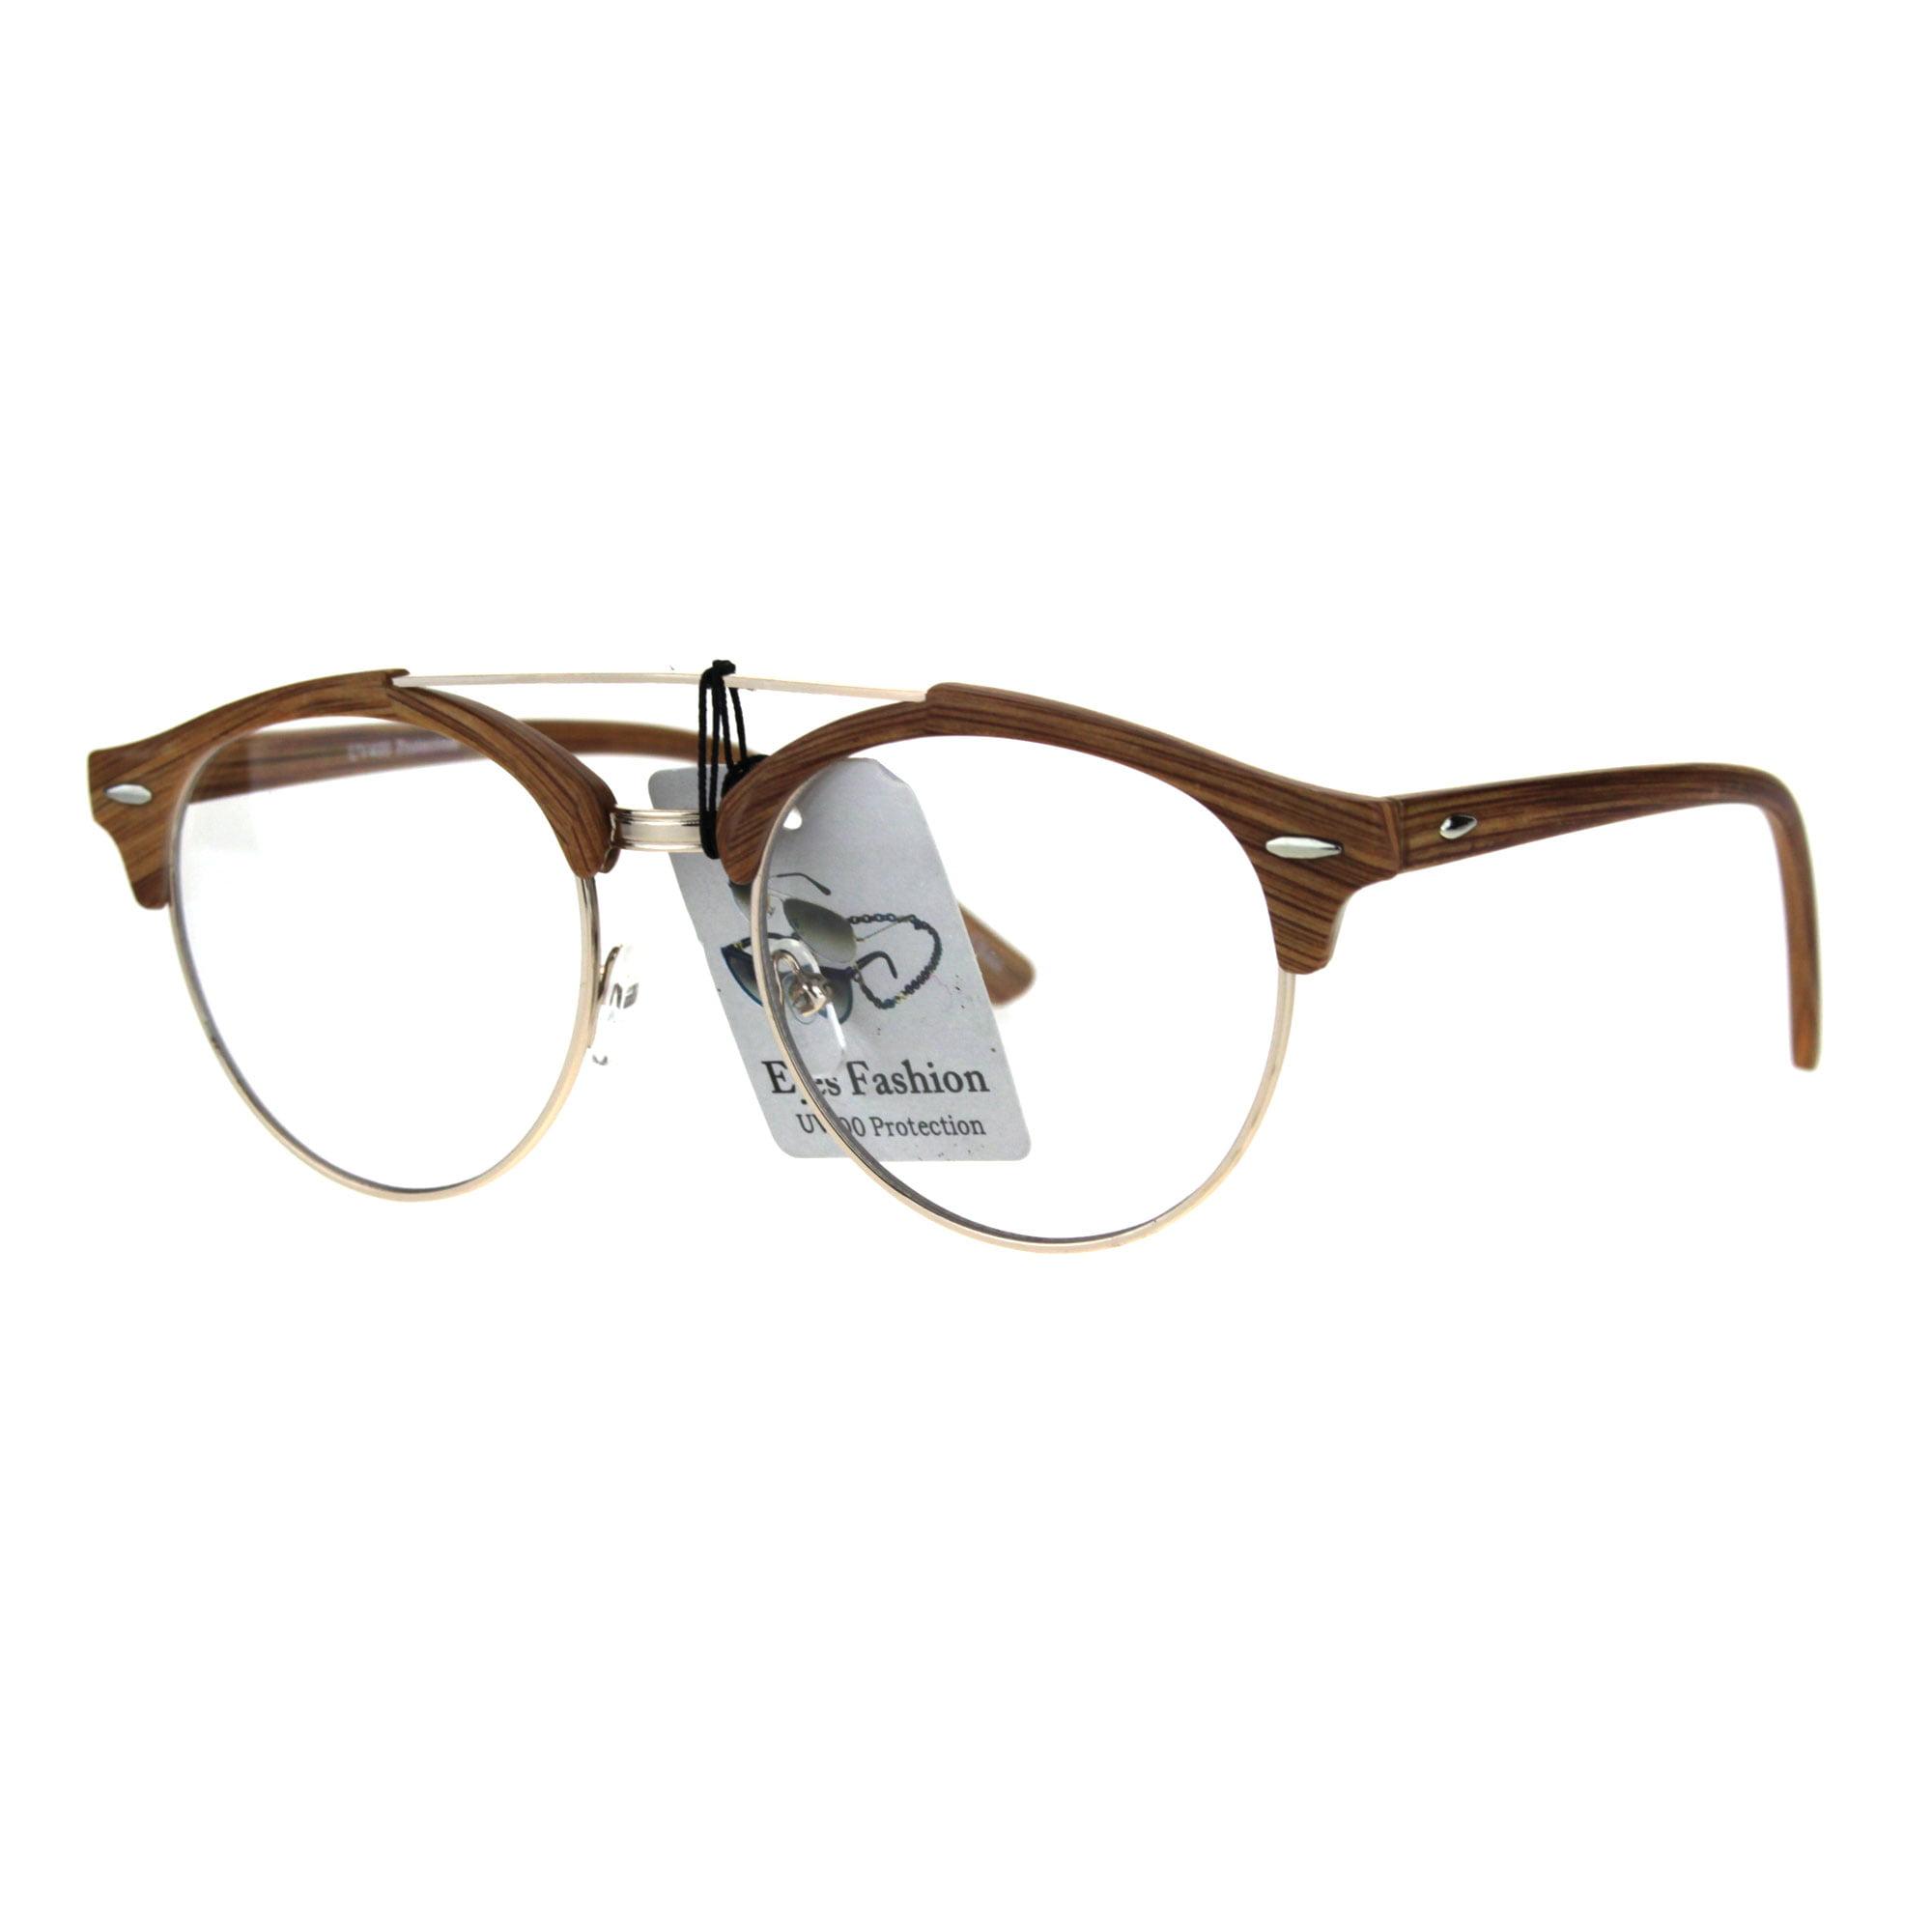 f863ea7d20 Mens Retro Hipster Half Horn Rim Clear Lens Eyeglasses Black Gold -  Walmart.com